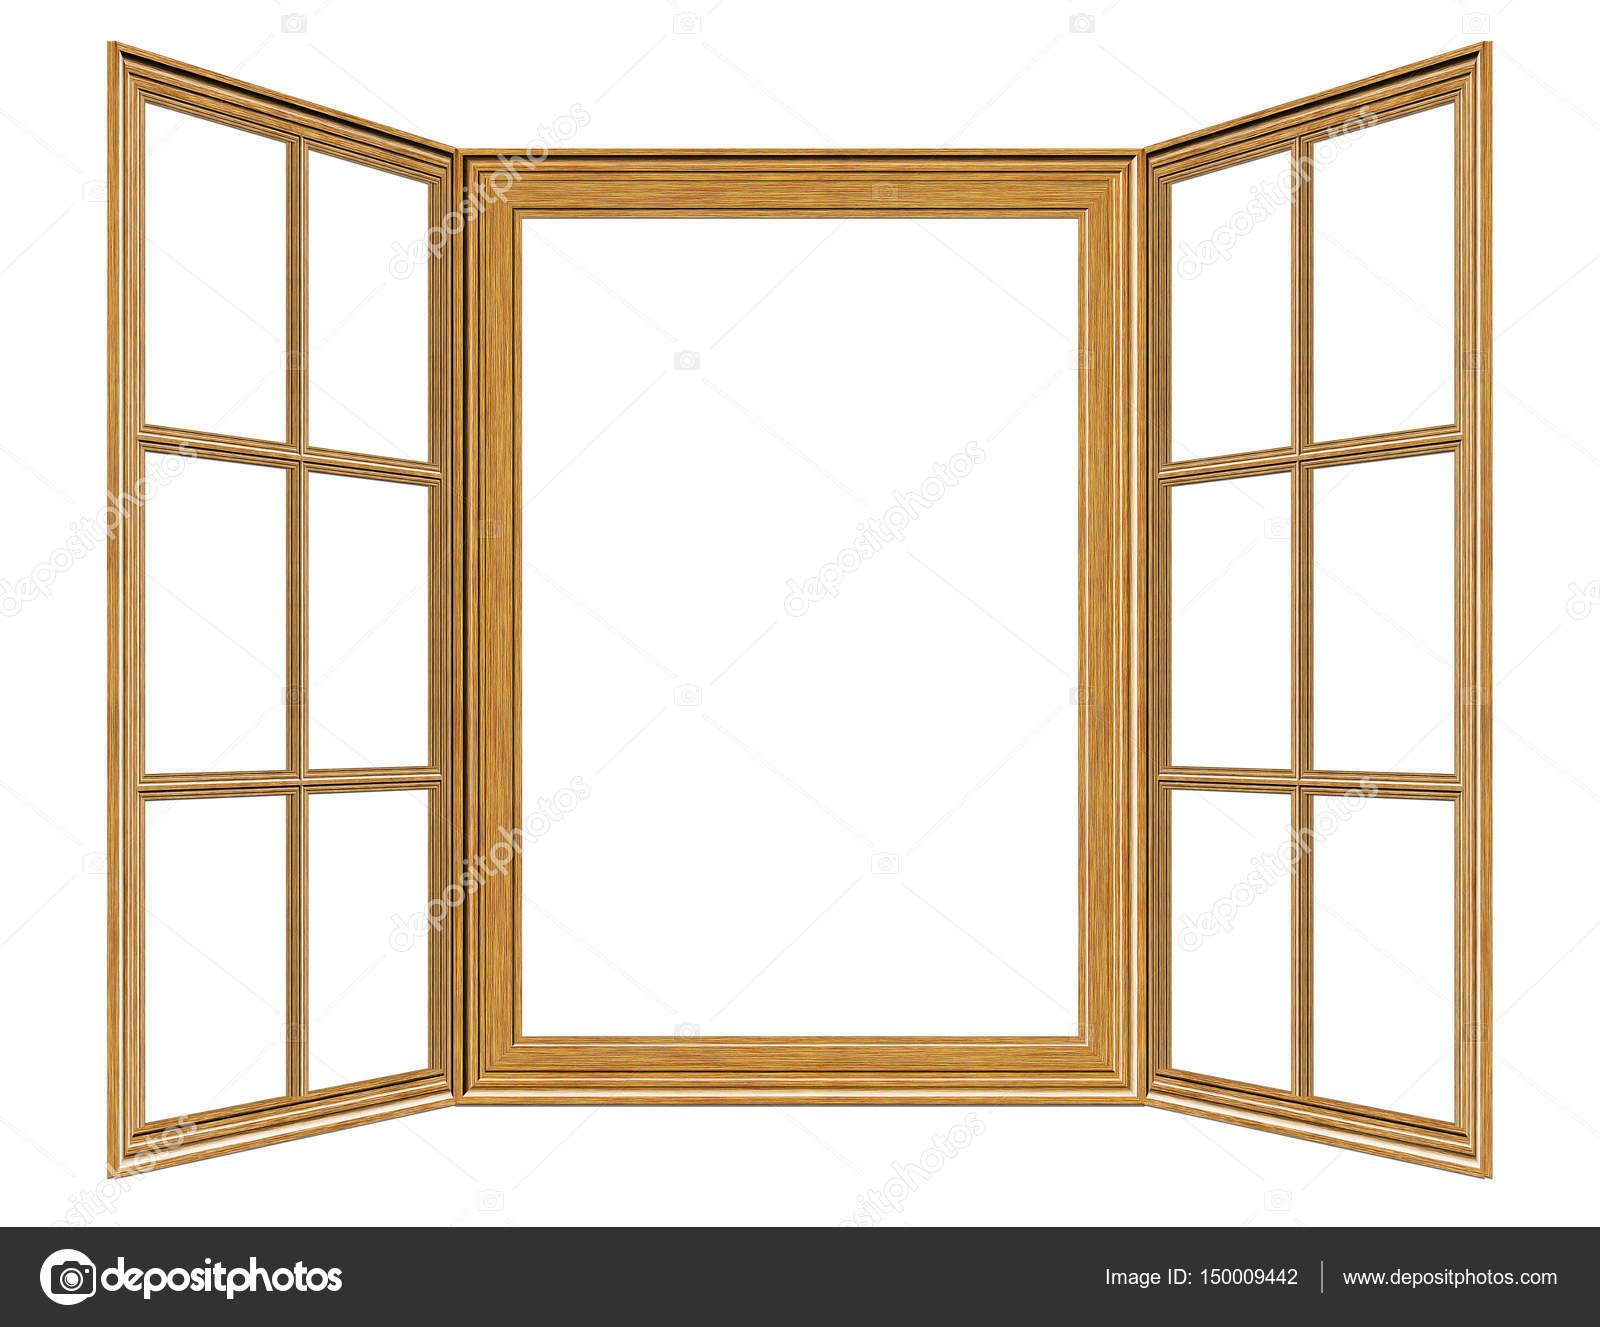 hölzerne Fensterrahmen — Stockfoto © artshock #150009442